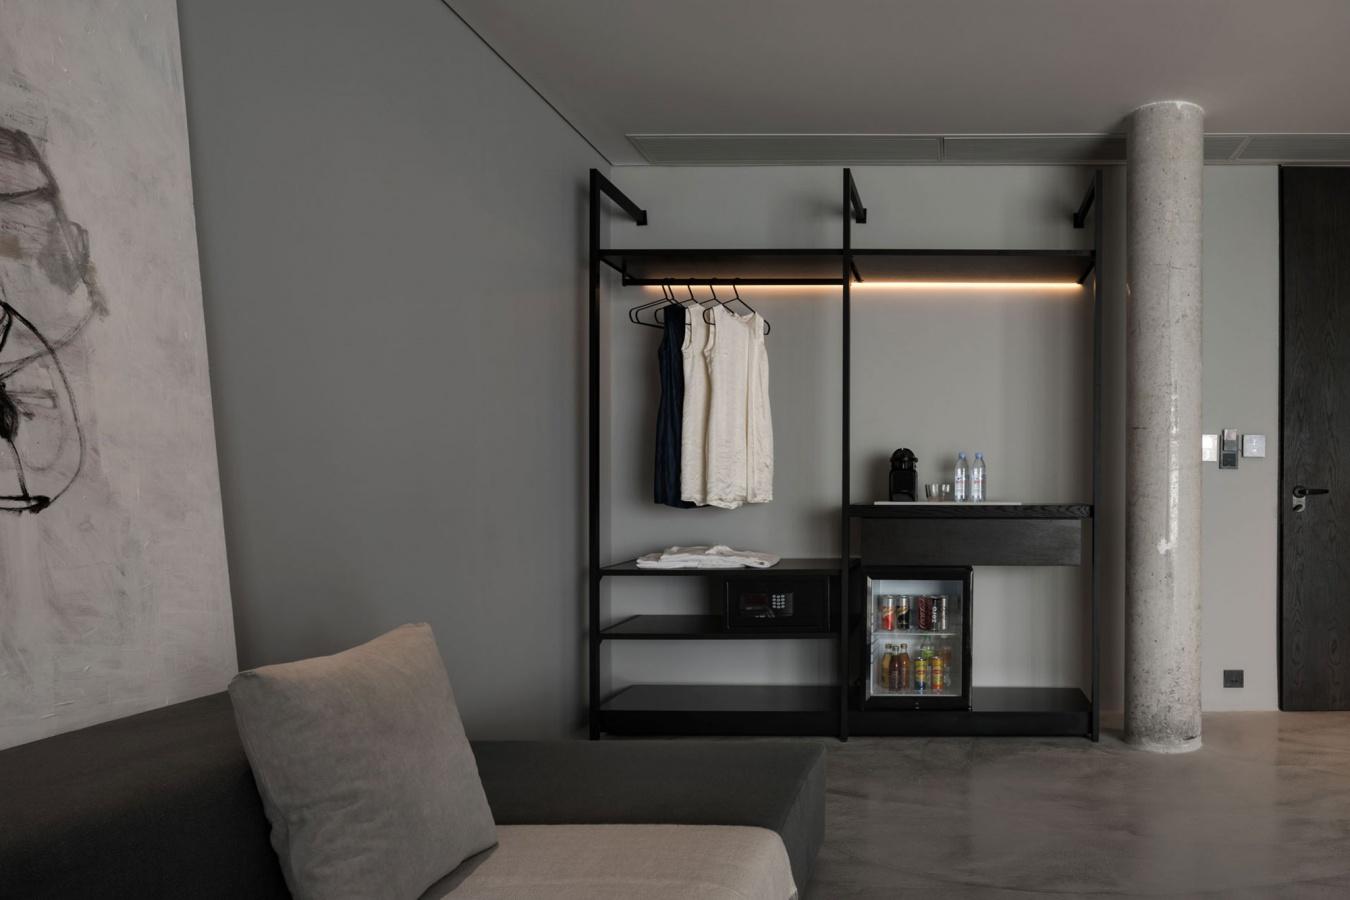 Porro spa contract ristoranti bar e hotel hotel for Negozi di arredamento del distretto di design dallas